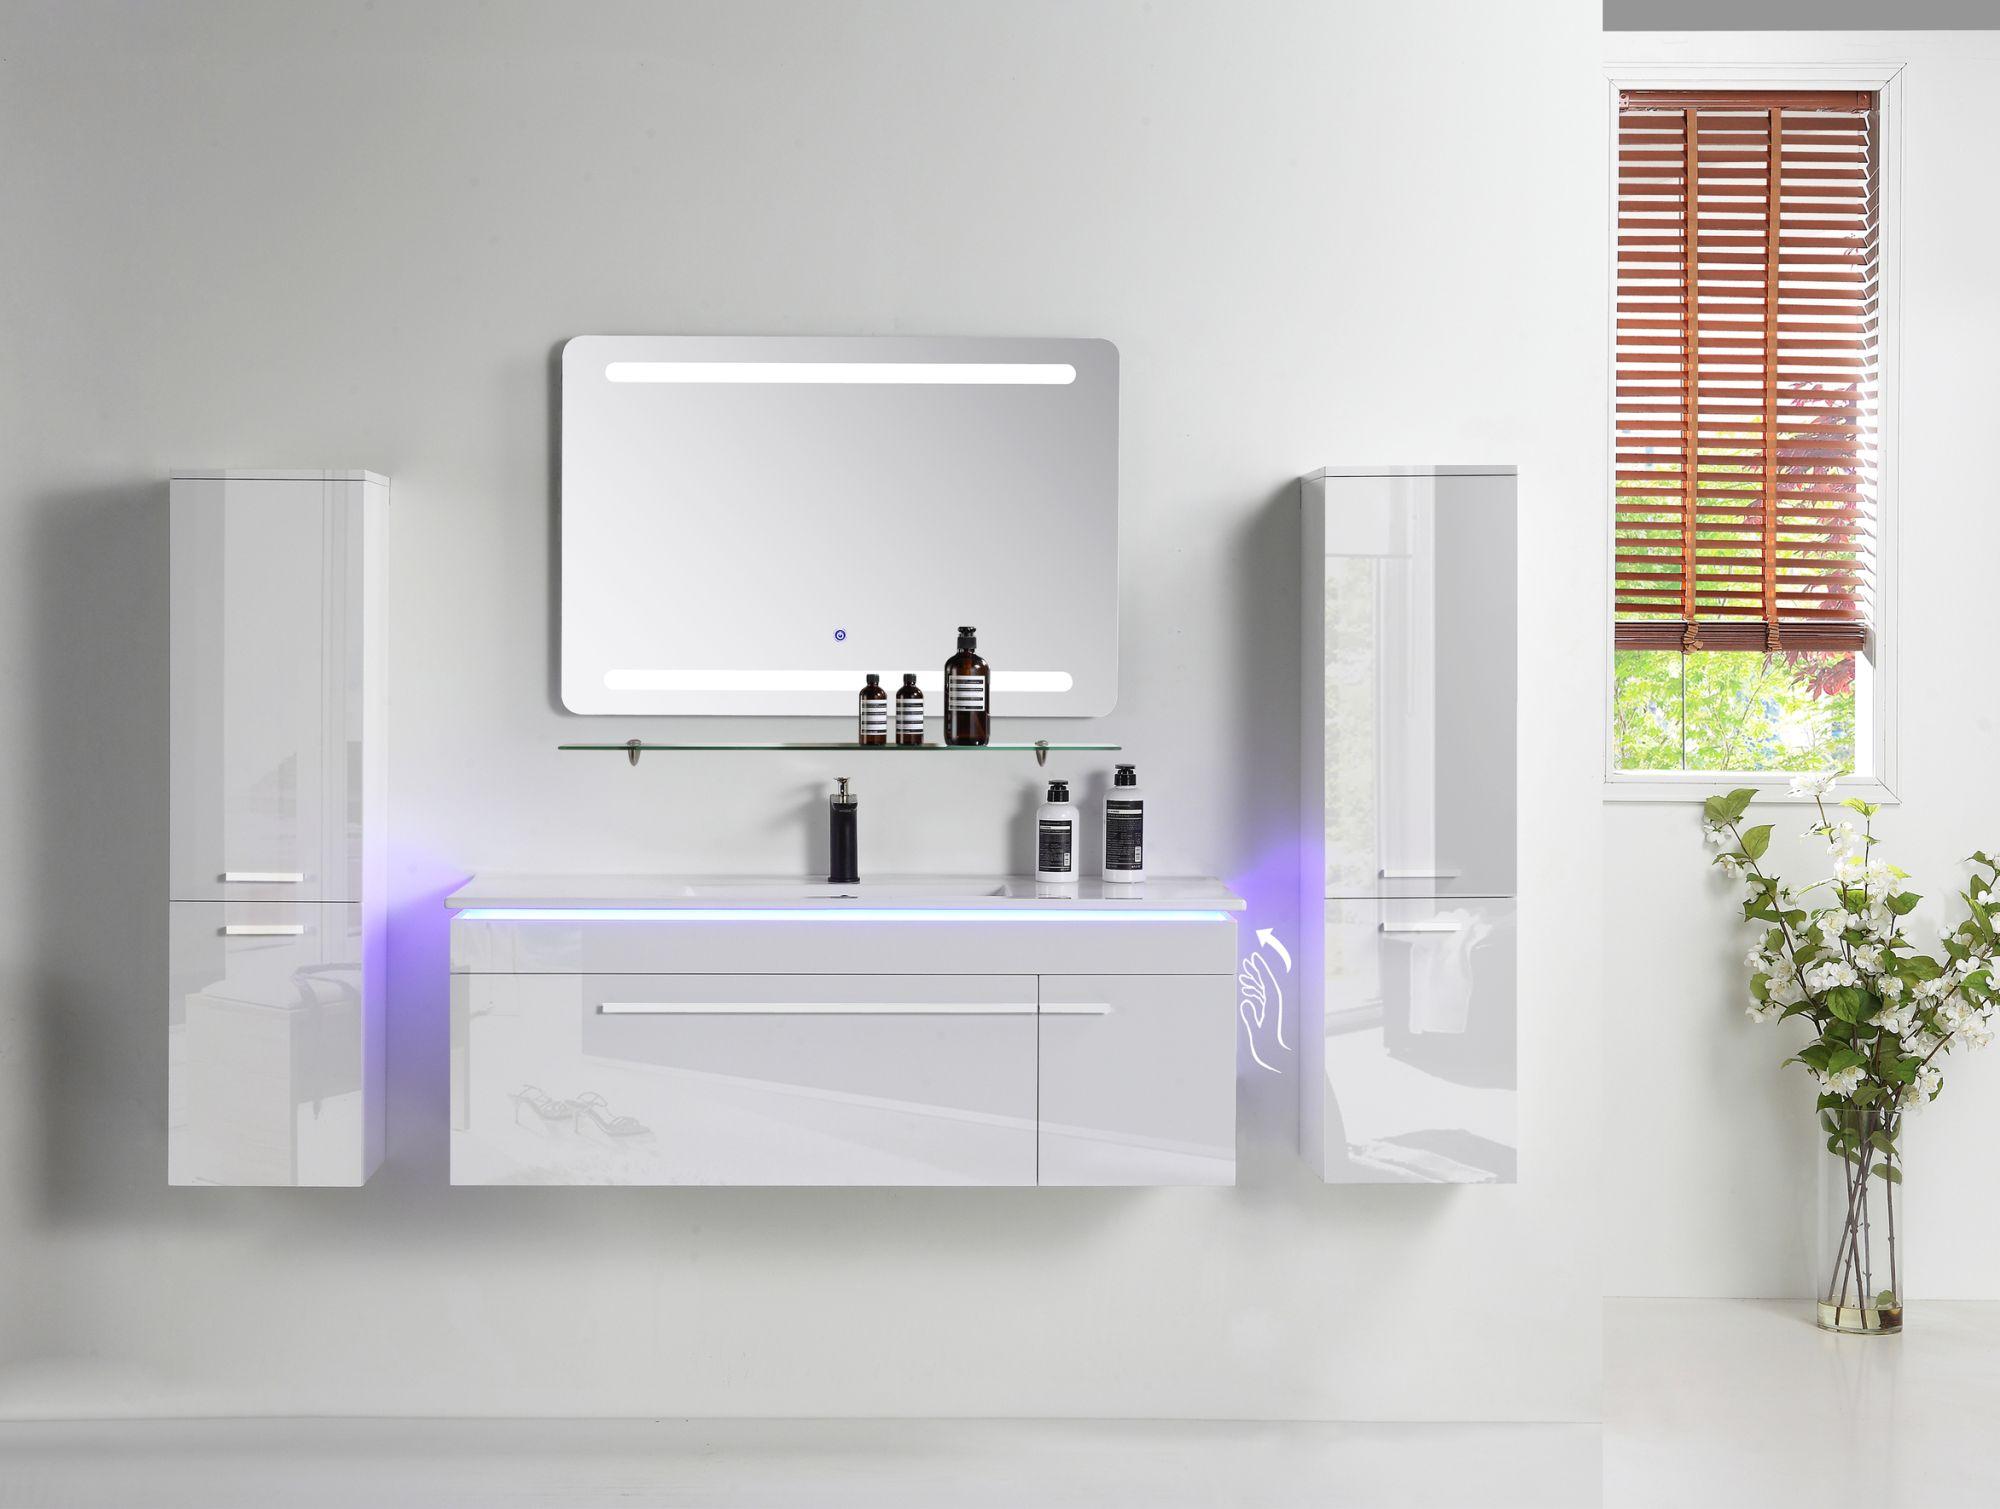 Badmöbel Set 20 cm 20 tlg Weiß Hochglanz Badezimmermöbel Komplett ...